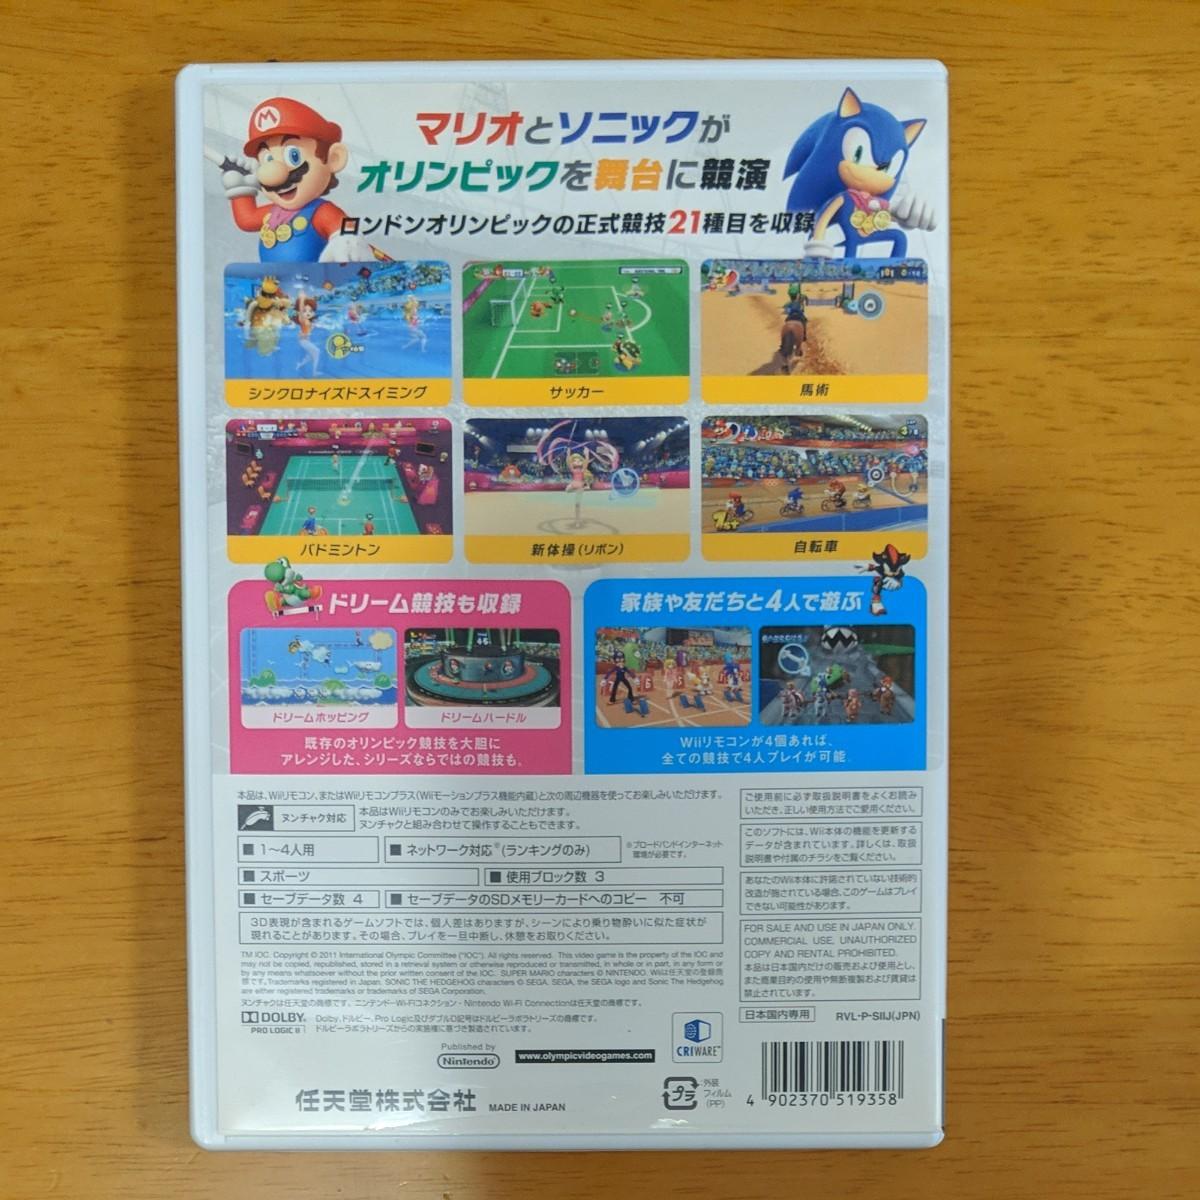 Wii マリオ&ソニック ATロンドンオリンピック Wiiソフト マリオ&ソニック ロンドンオリンピック 説明書折れ有